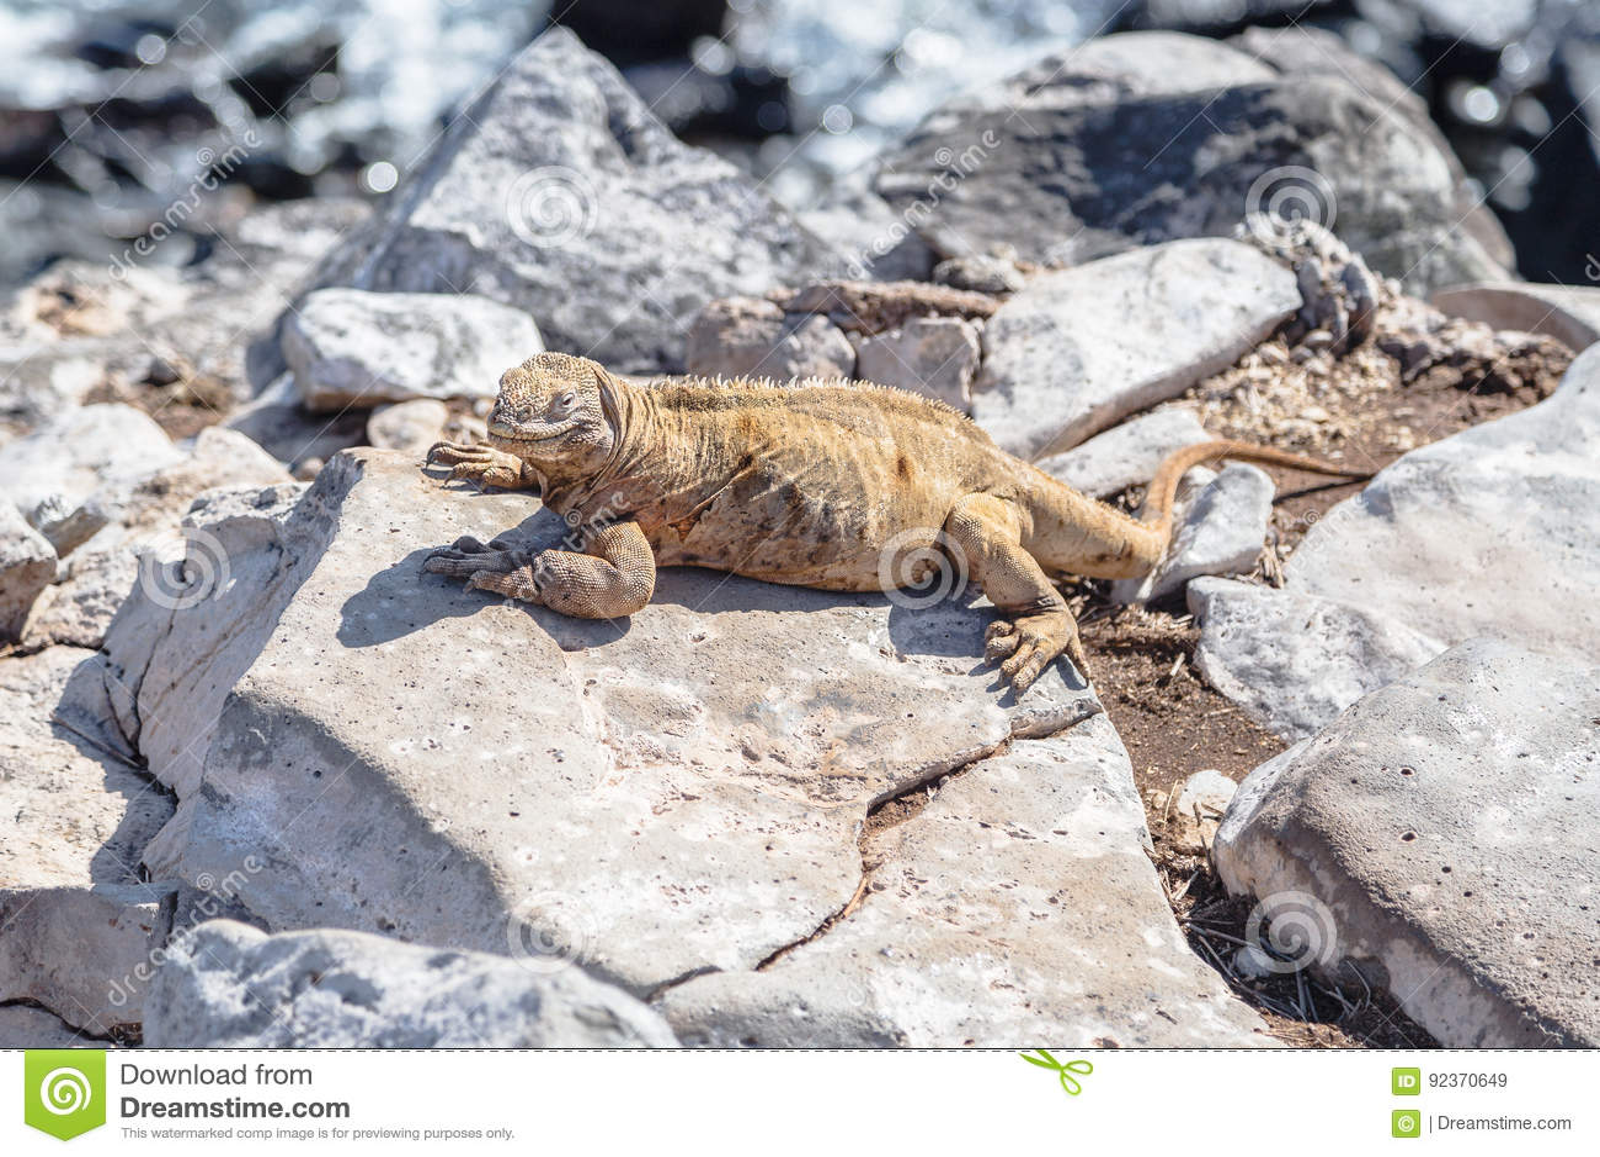 Iguana dos Galápagos empoleirados em rochas